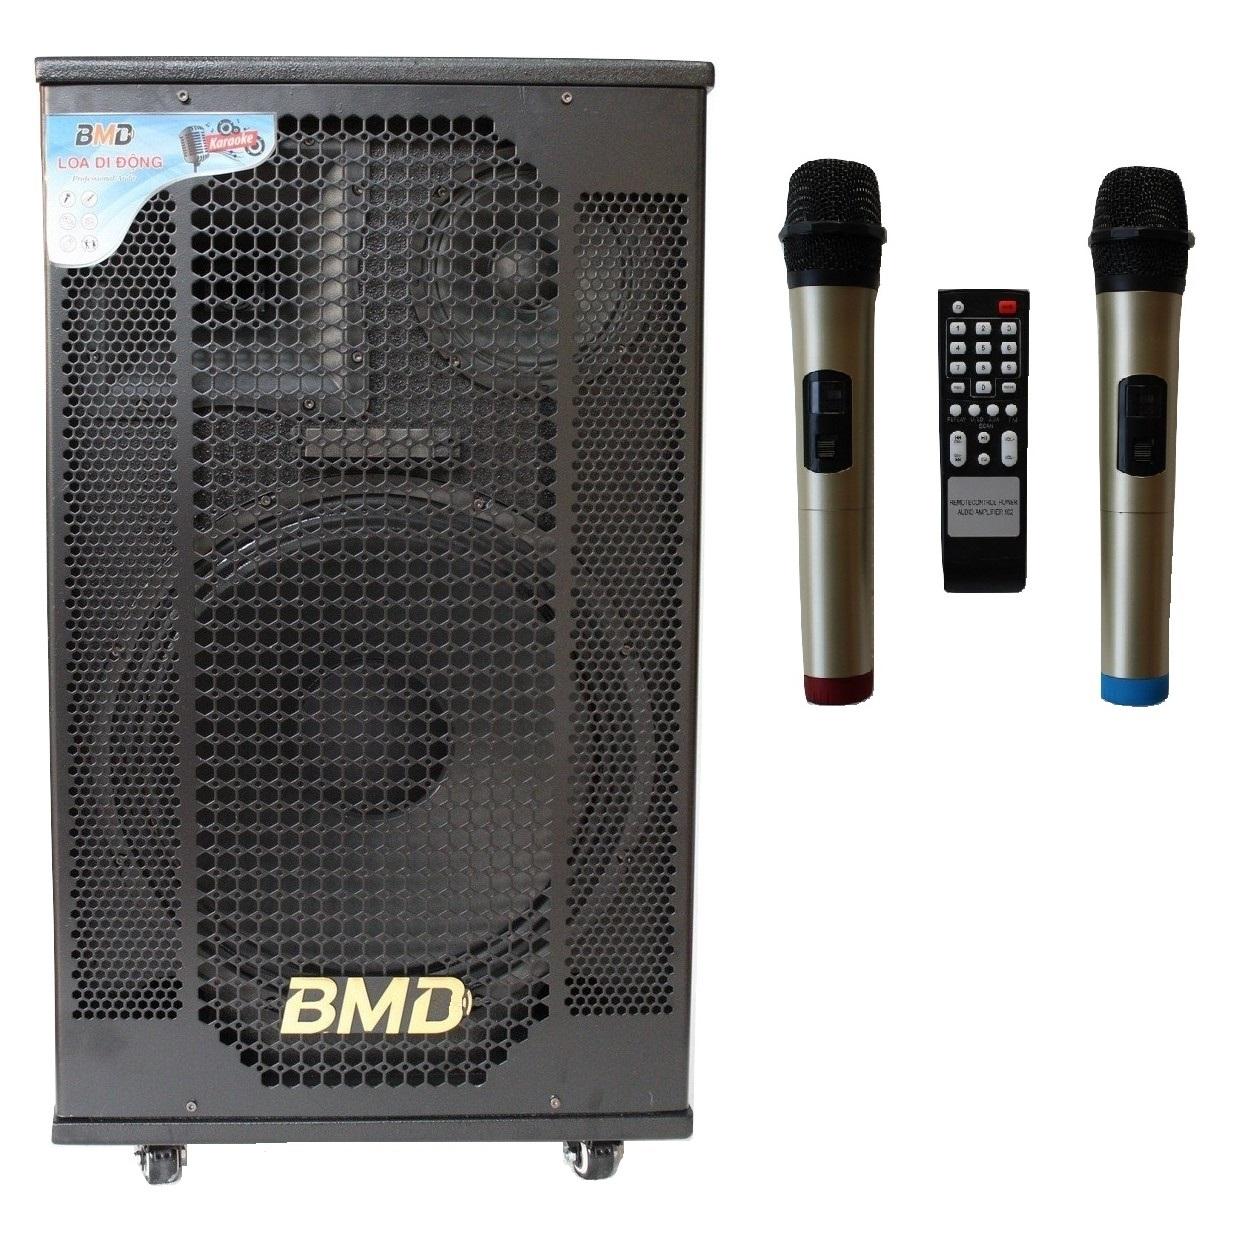 Loa Kéo Di Động Karaoke Bass 40 BMD LK-40B60 (800W) 4 Tấc - Màu Ngẫu Nhiên - Chính Hãng